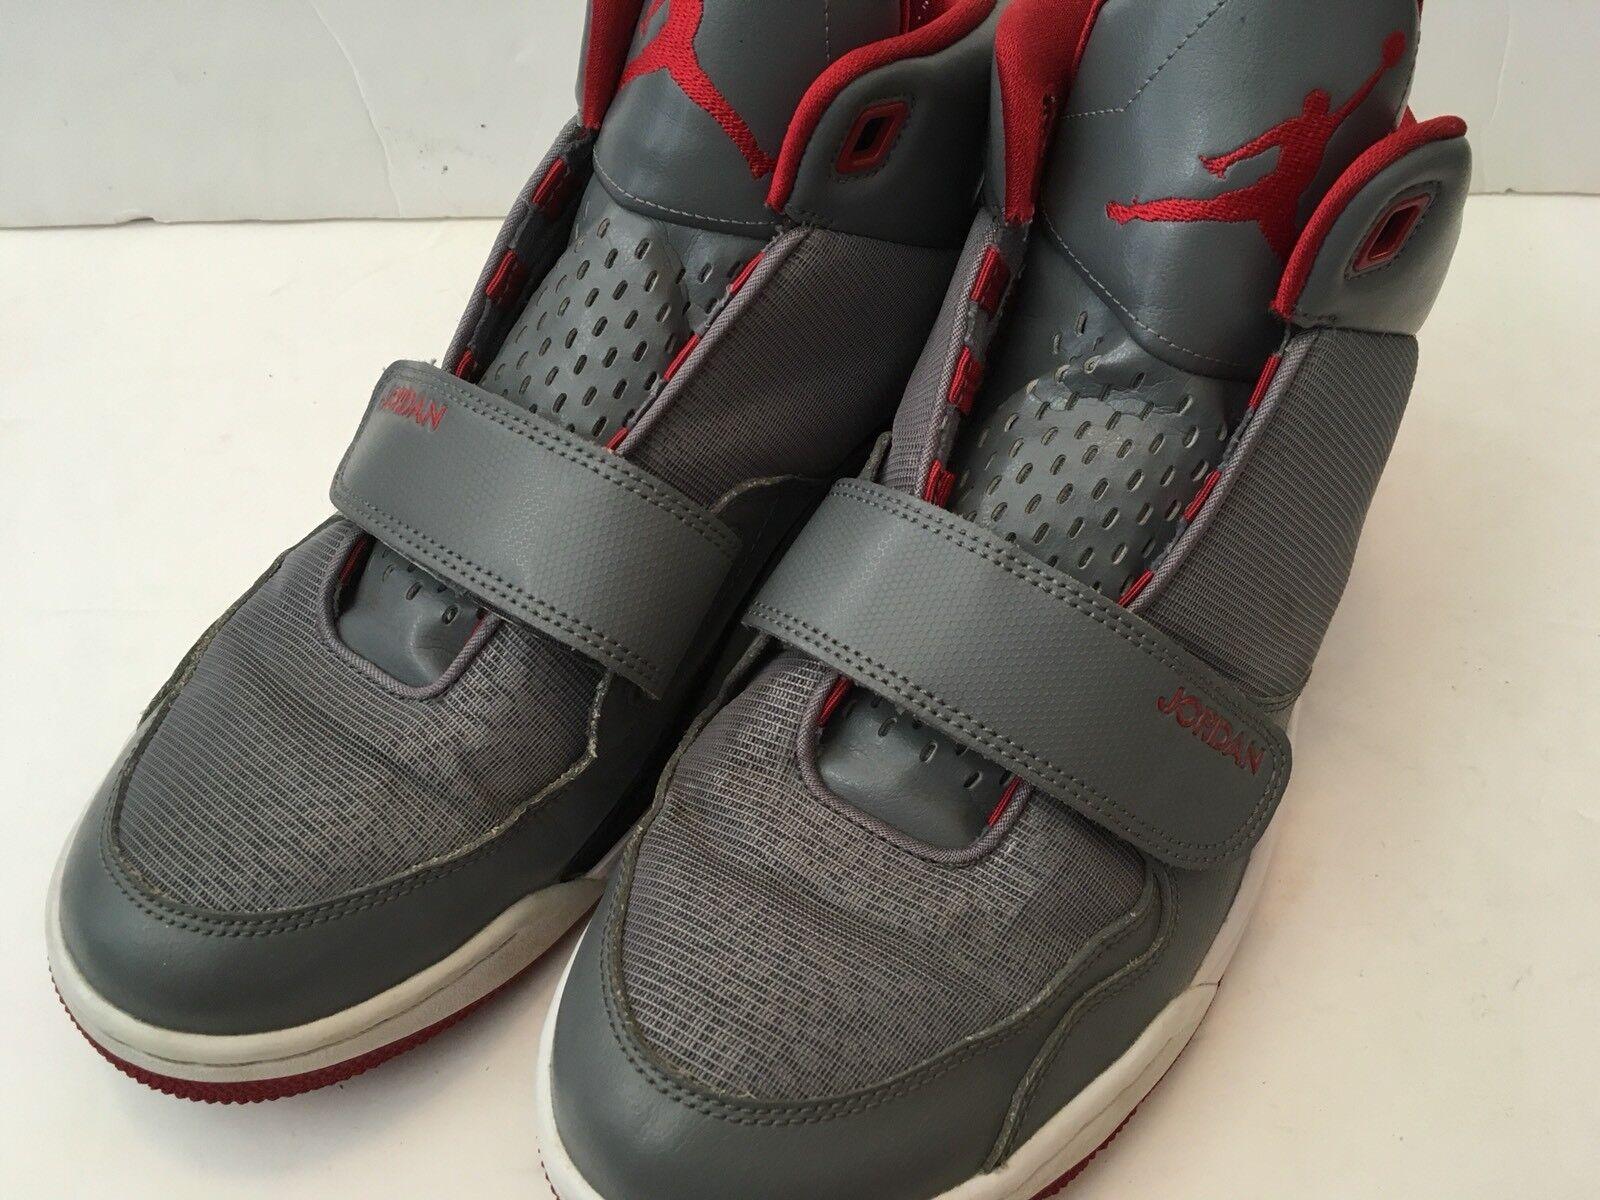 NIKE Air Jordan Retro V IV III 2013 Basketball Shoes Men's Comfortable Cheap women's shoes women's shoes